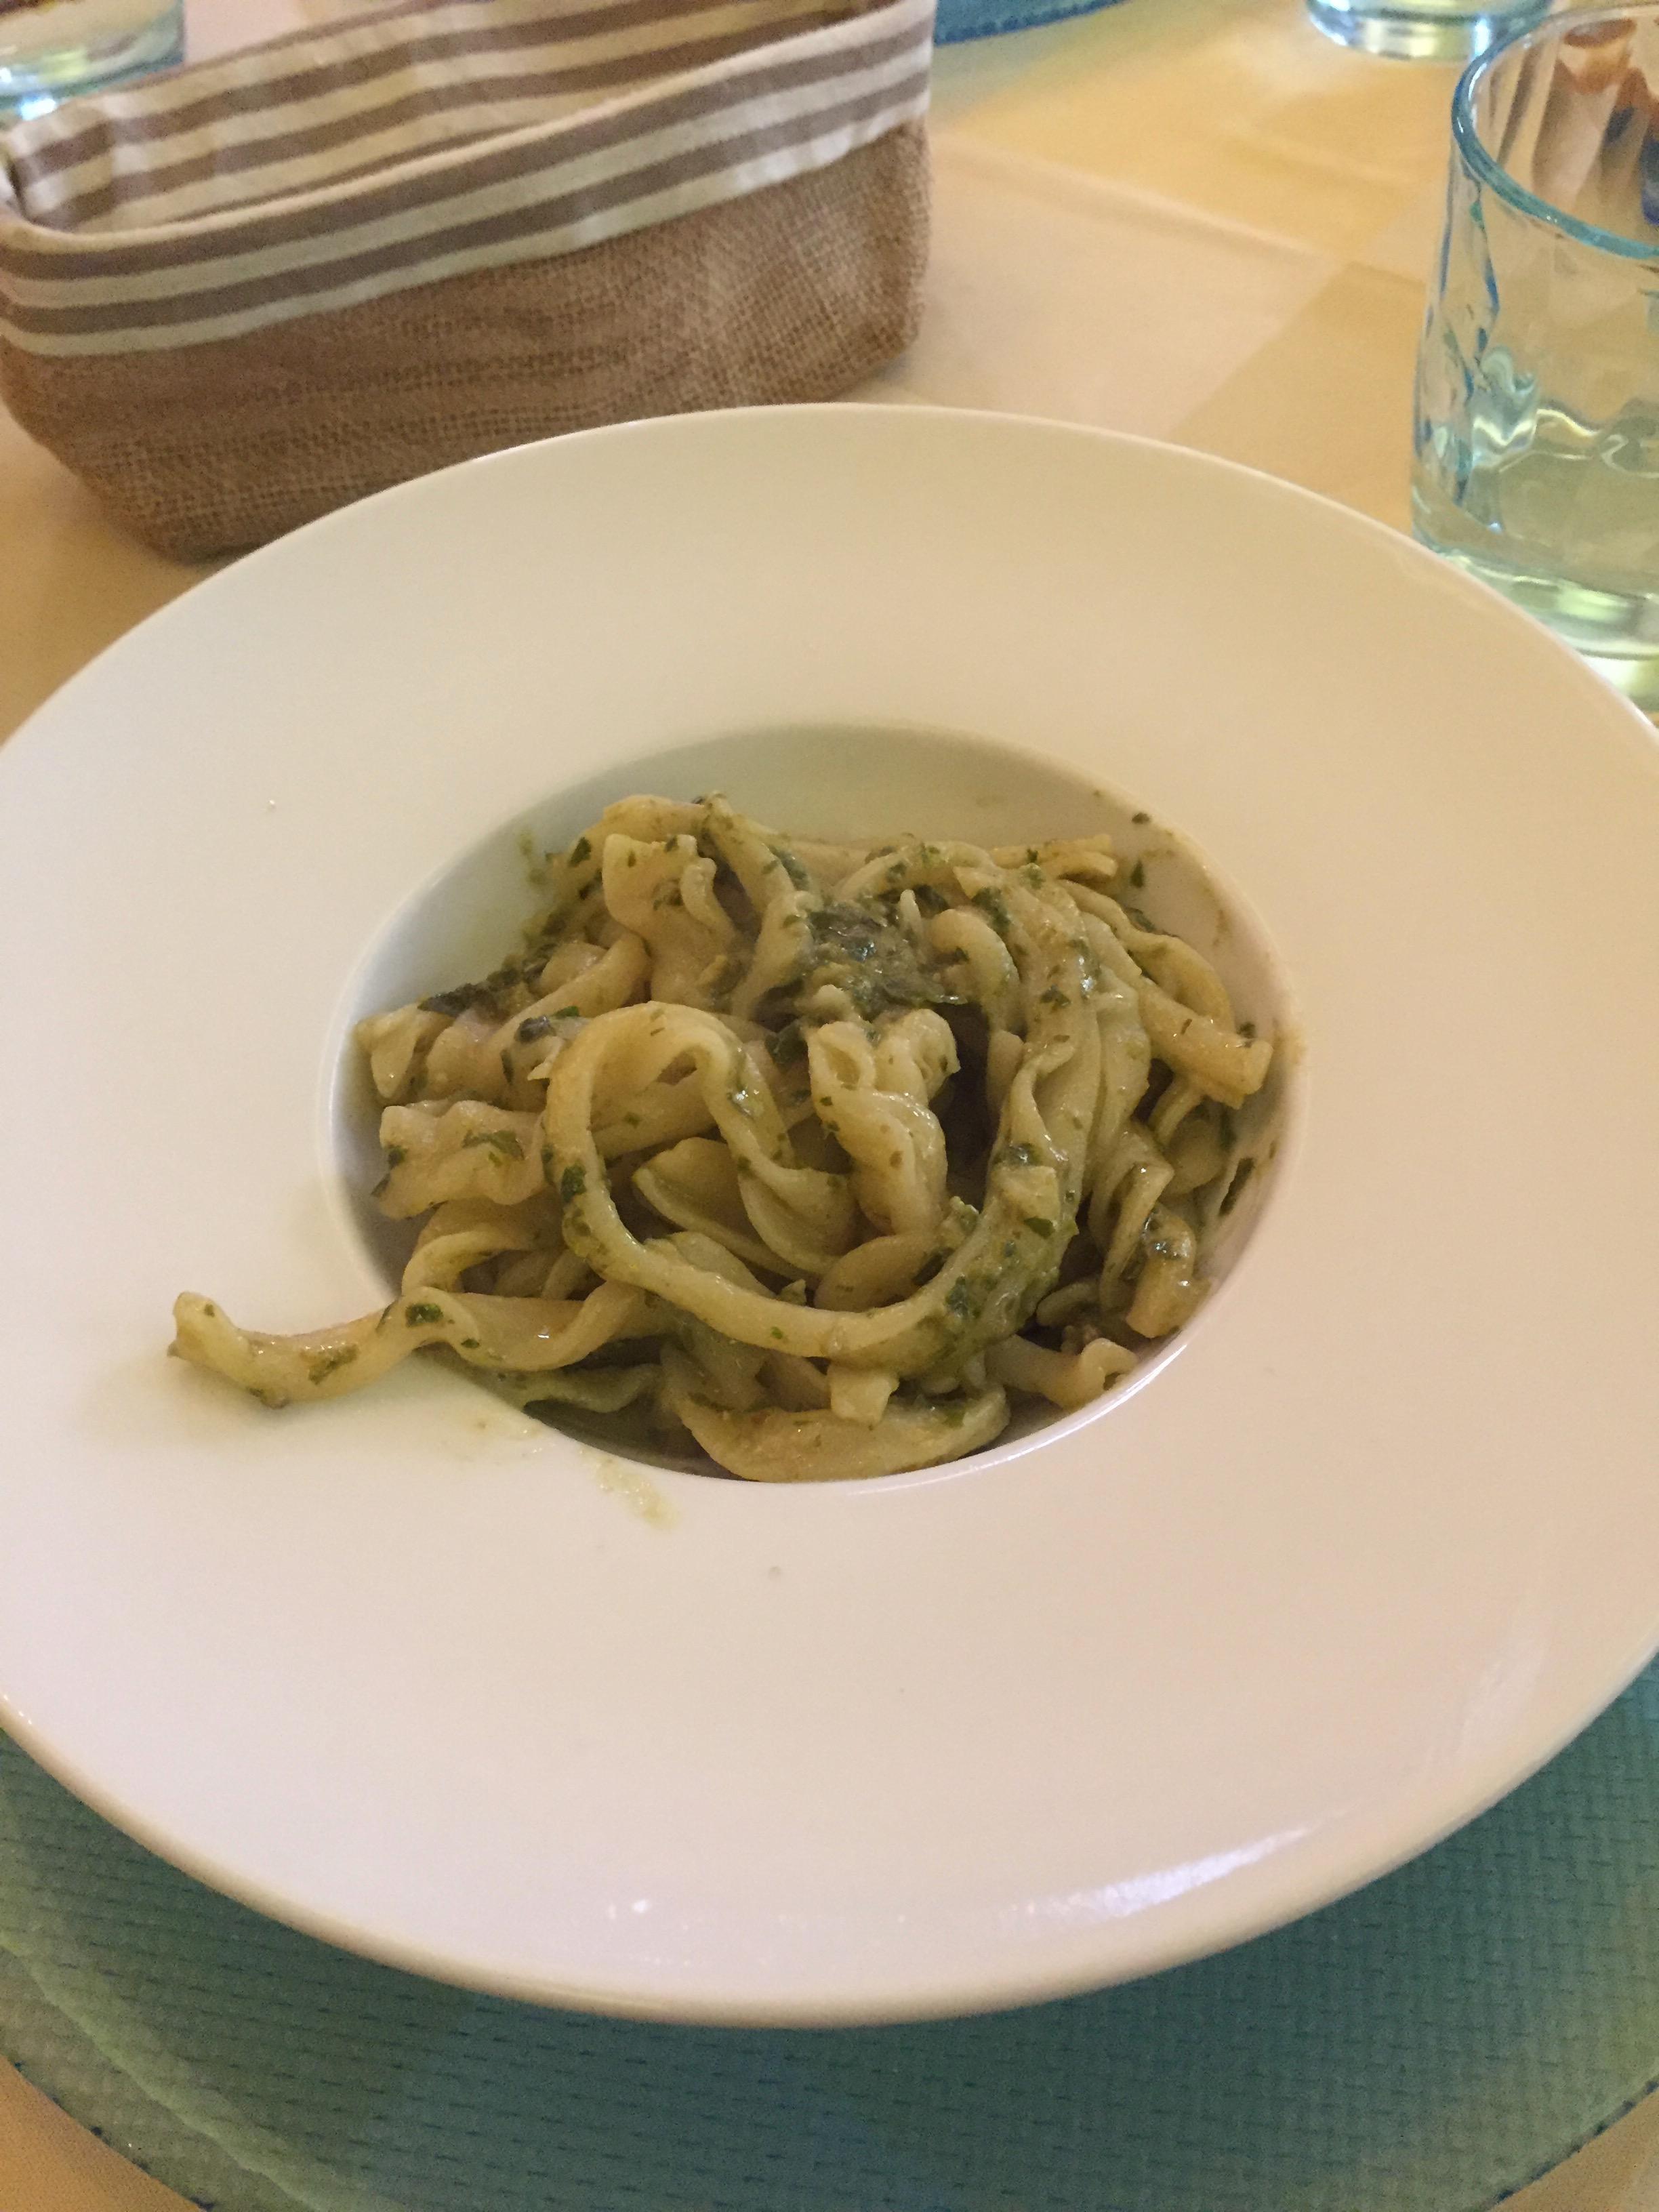 tagliatelle with pesto at Ristorante Tempero